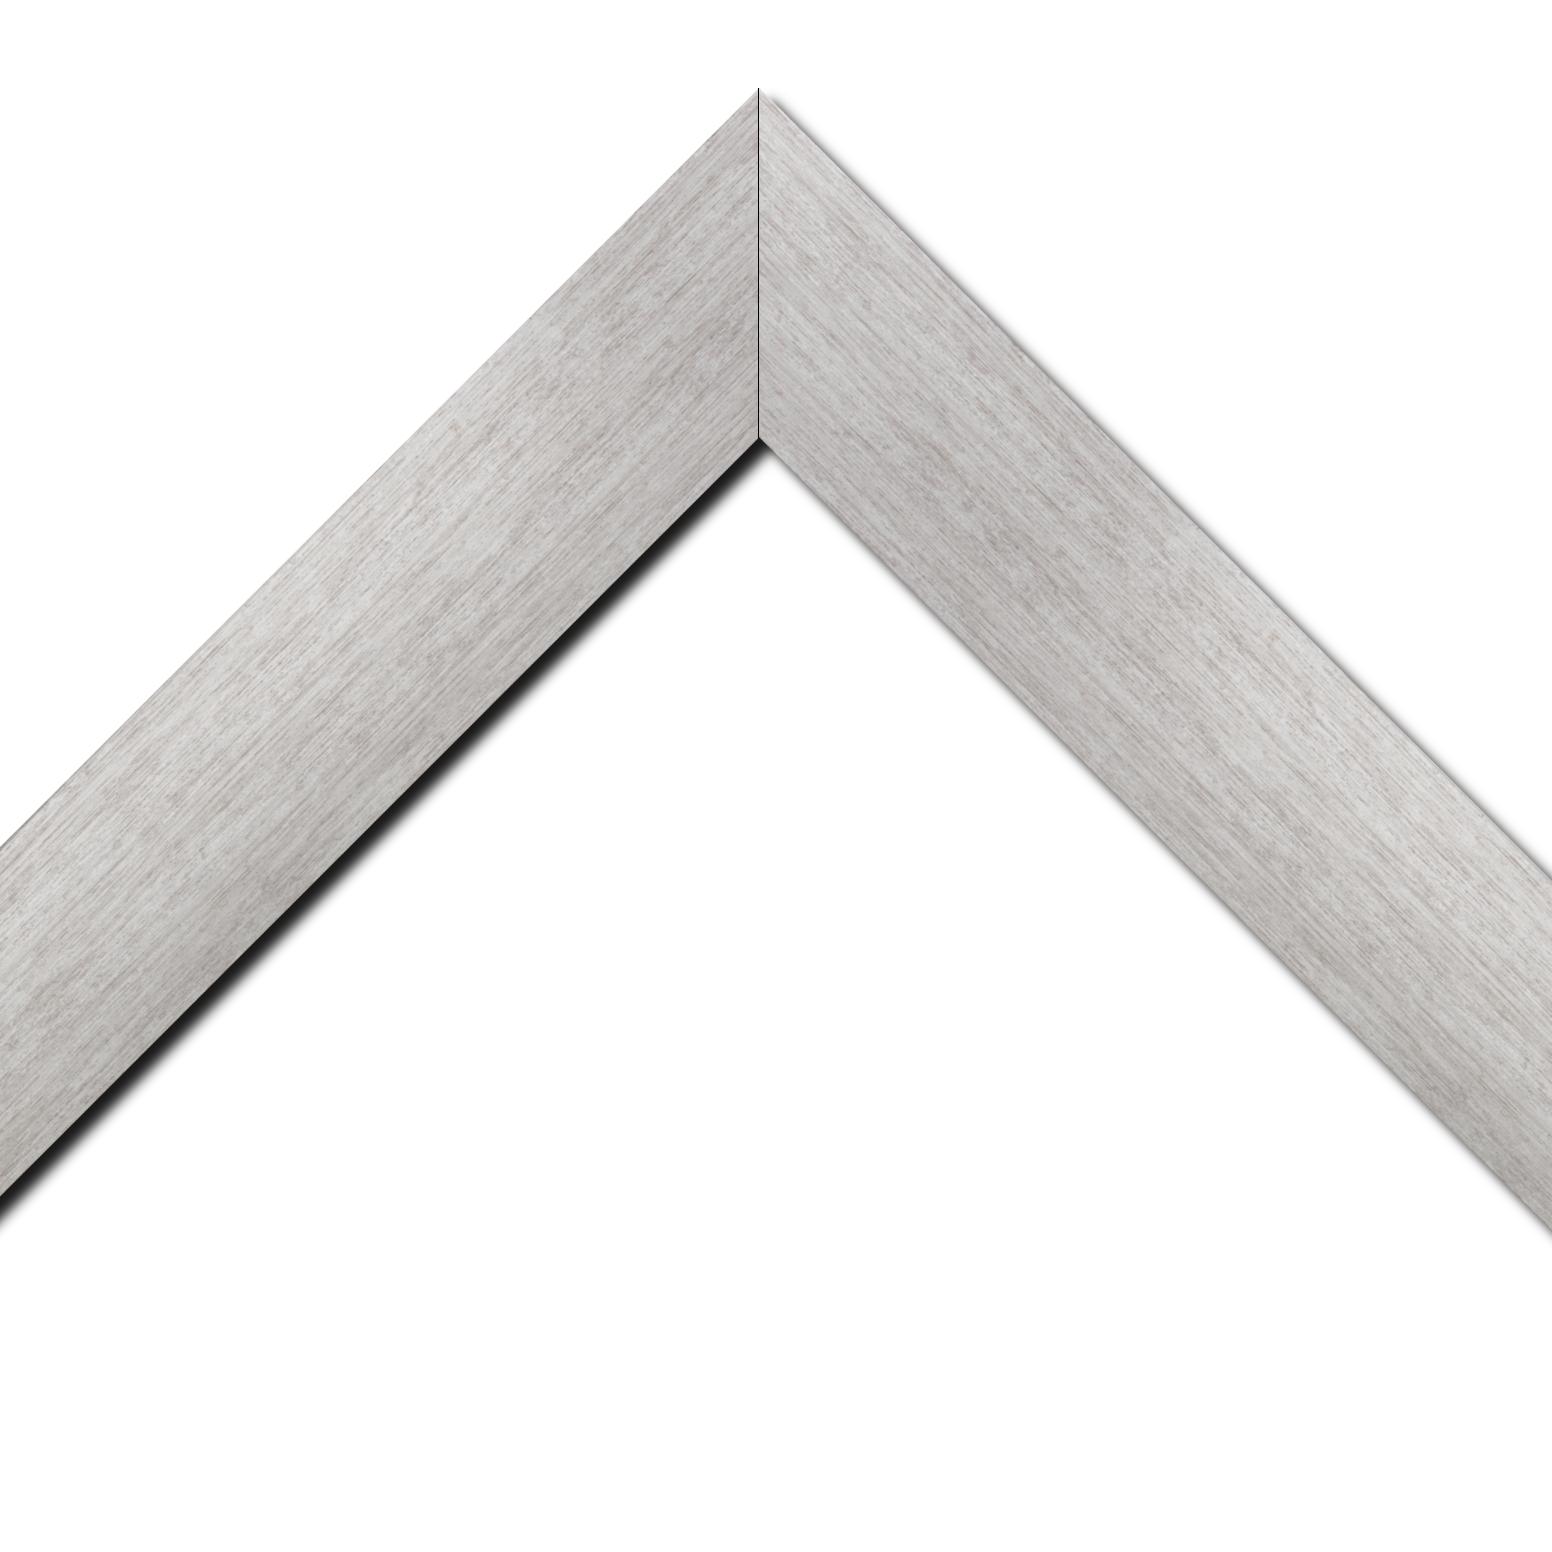 Baguette bois profil plat largeur 6cm couleur argent contemporain satiné haut de gamme